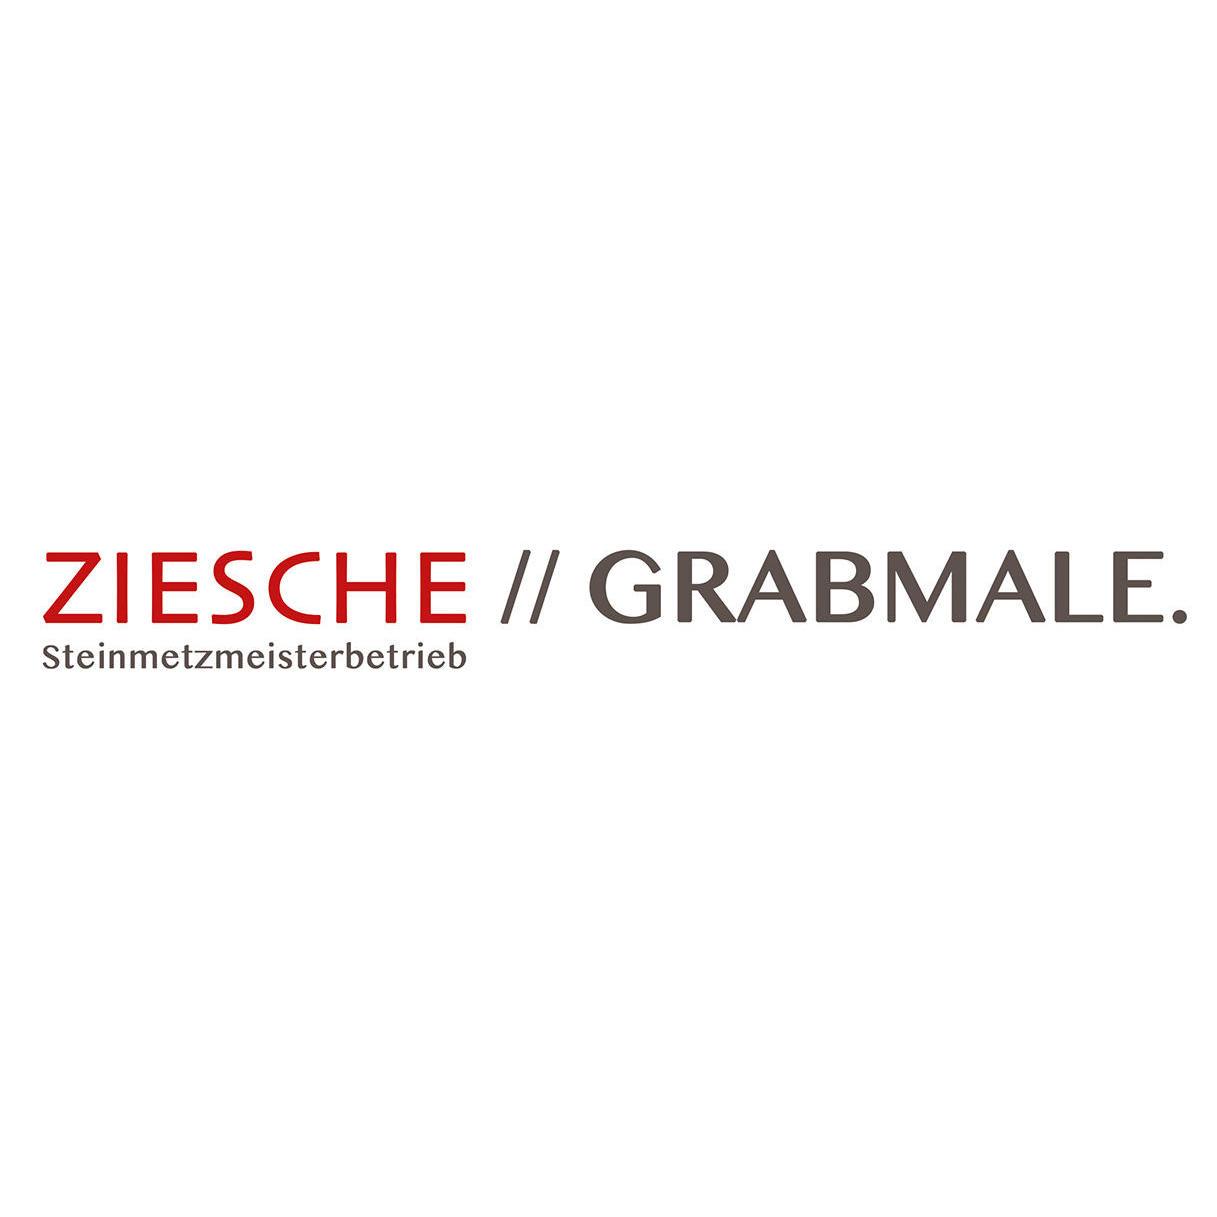 ZIESCHE // GRABMALE. Steinmetzmeisterbetrieb